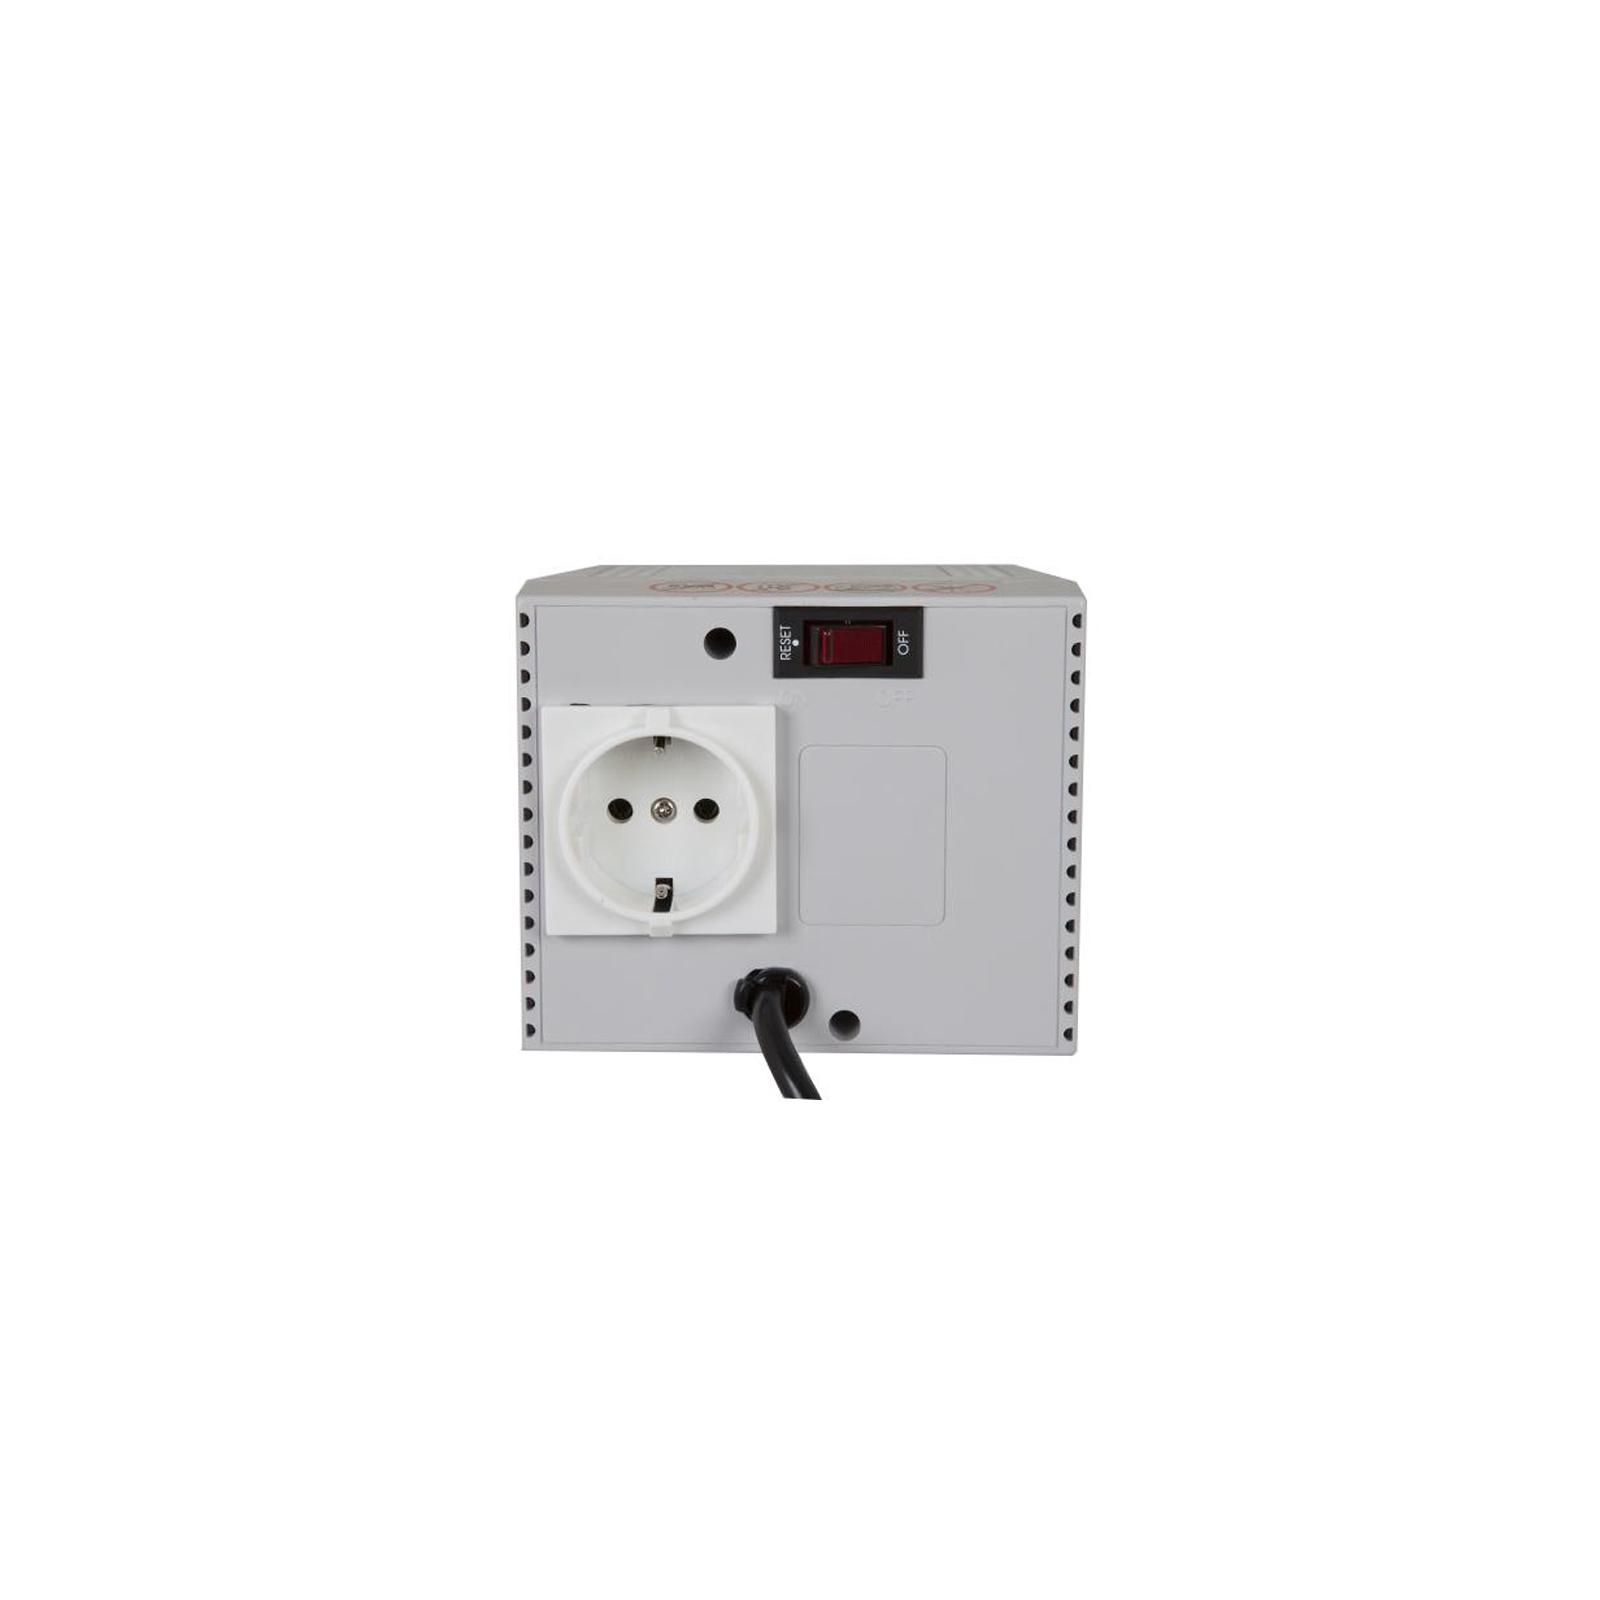 Стабилизатор TCA-3000 Powercom изображение 4